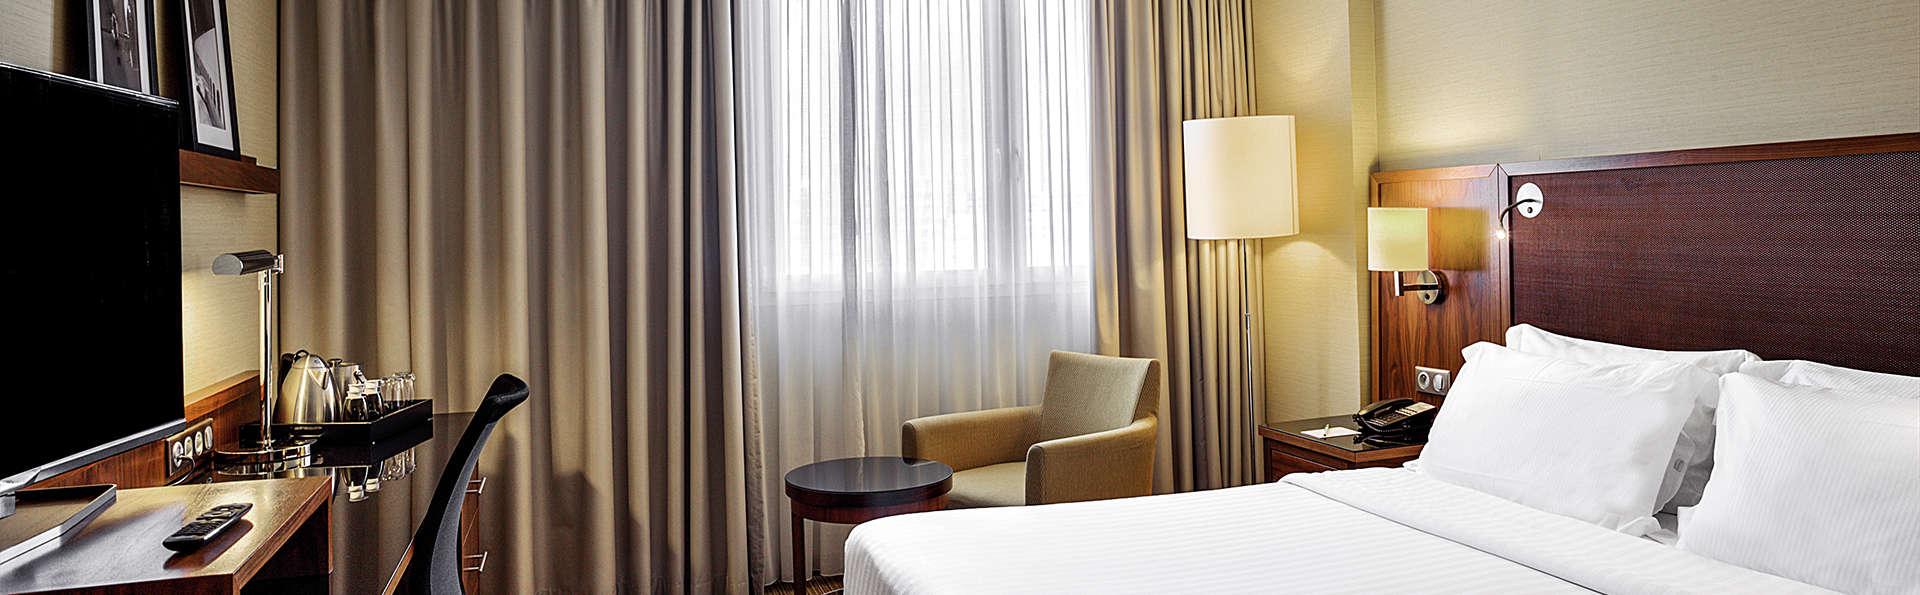 Week end romantique toulouse avec 1 verre de bienvenue - Hotel avec jacuzzi dans la chambre midi pyrenees ...